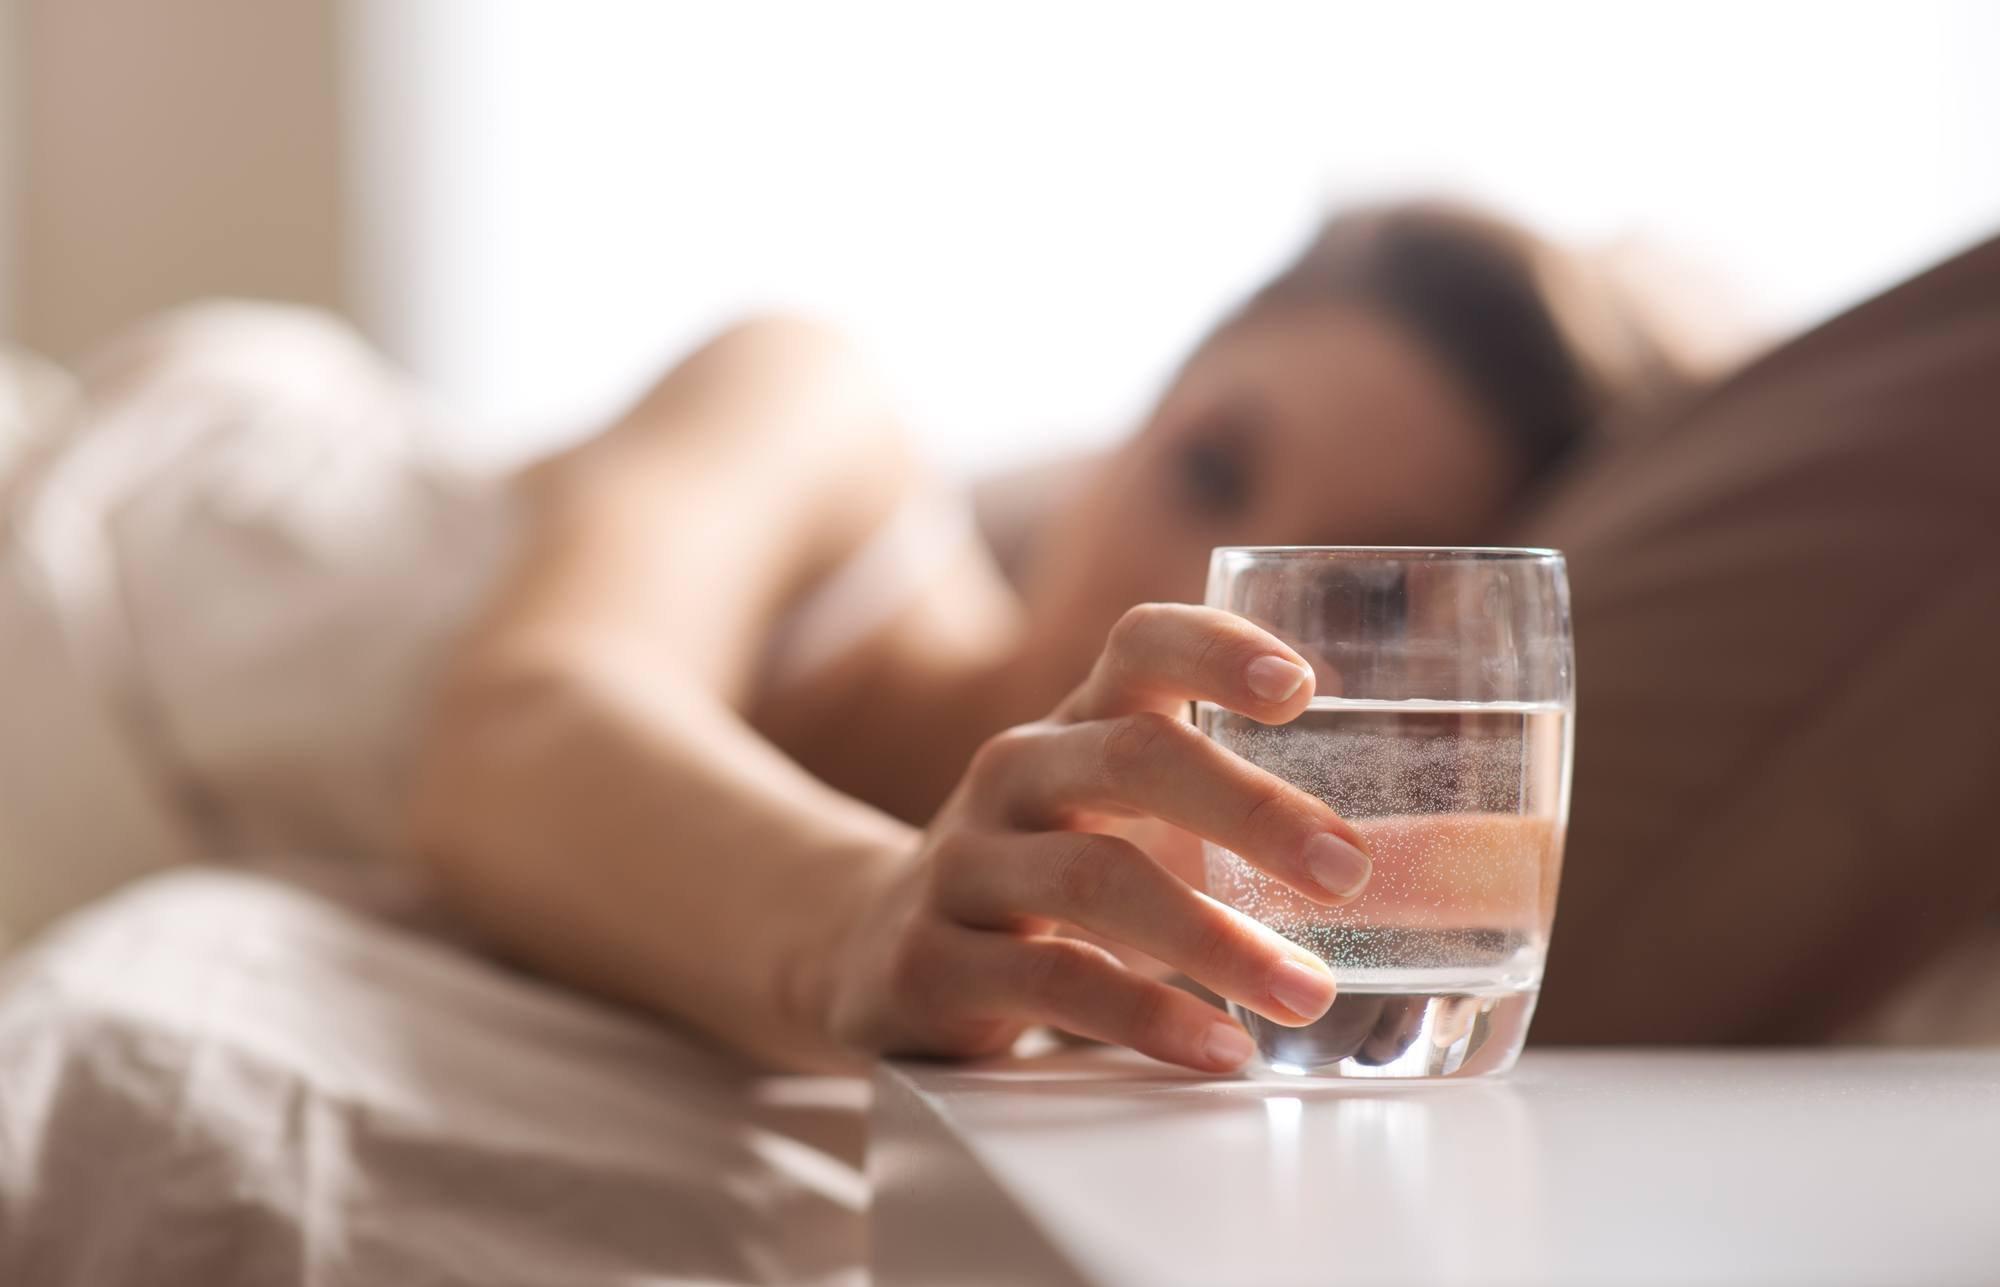 Học nguyên tắc uống nước của người Nhật để vừa đẹp da, vừa phòng đủ thứ bệnh - Ảnh 2.